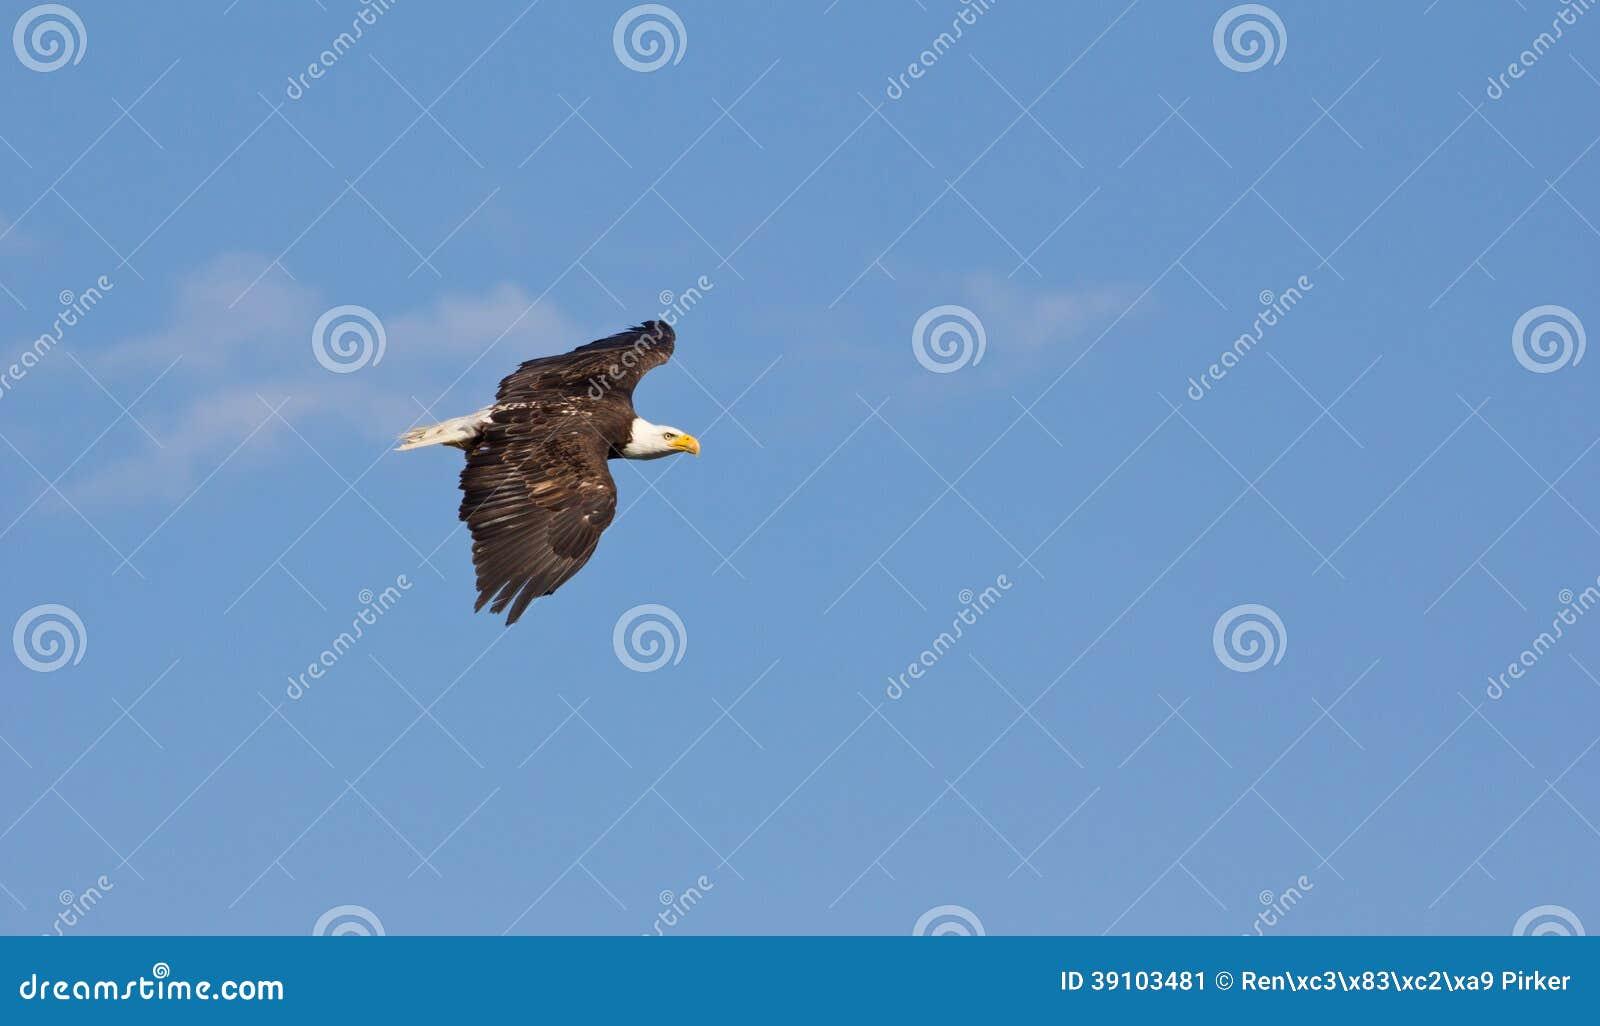 Amerikaans Eagle Gliding Through The Air